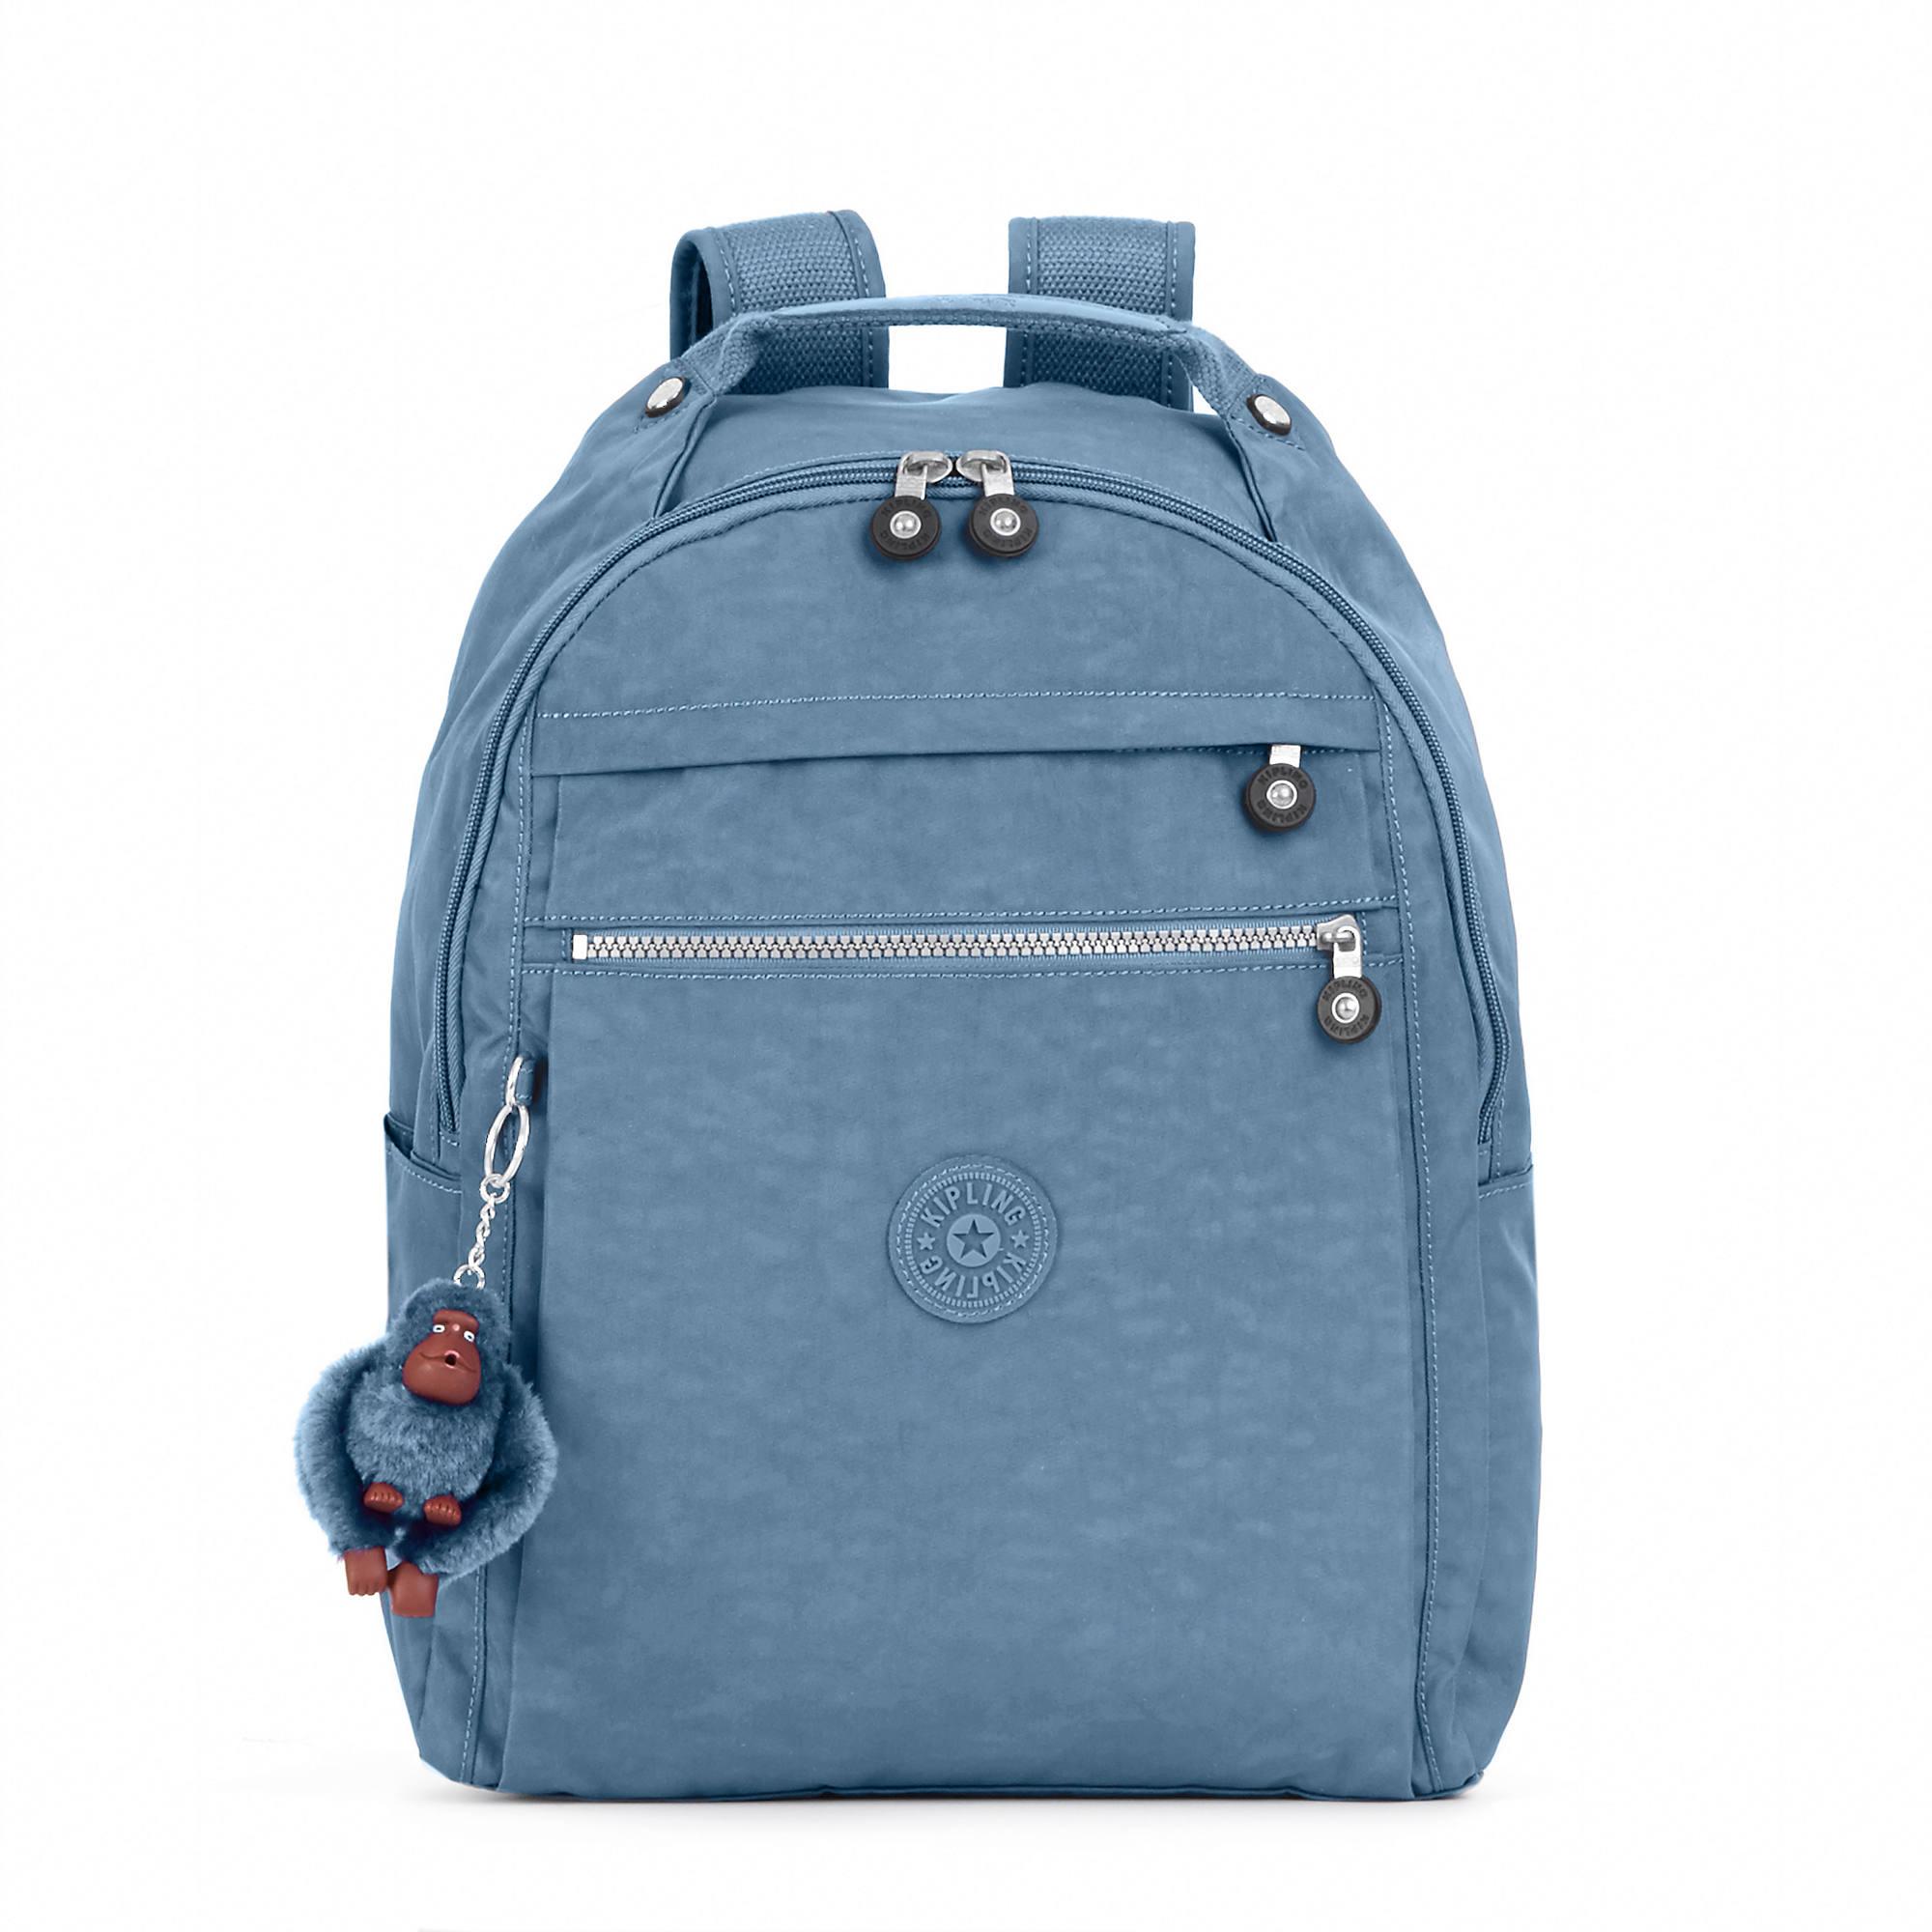 Kipling Damen City Pack S Rucksack Mehrfarbig Small